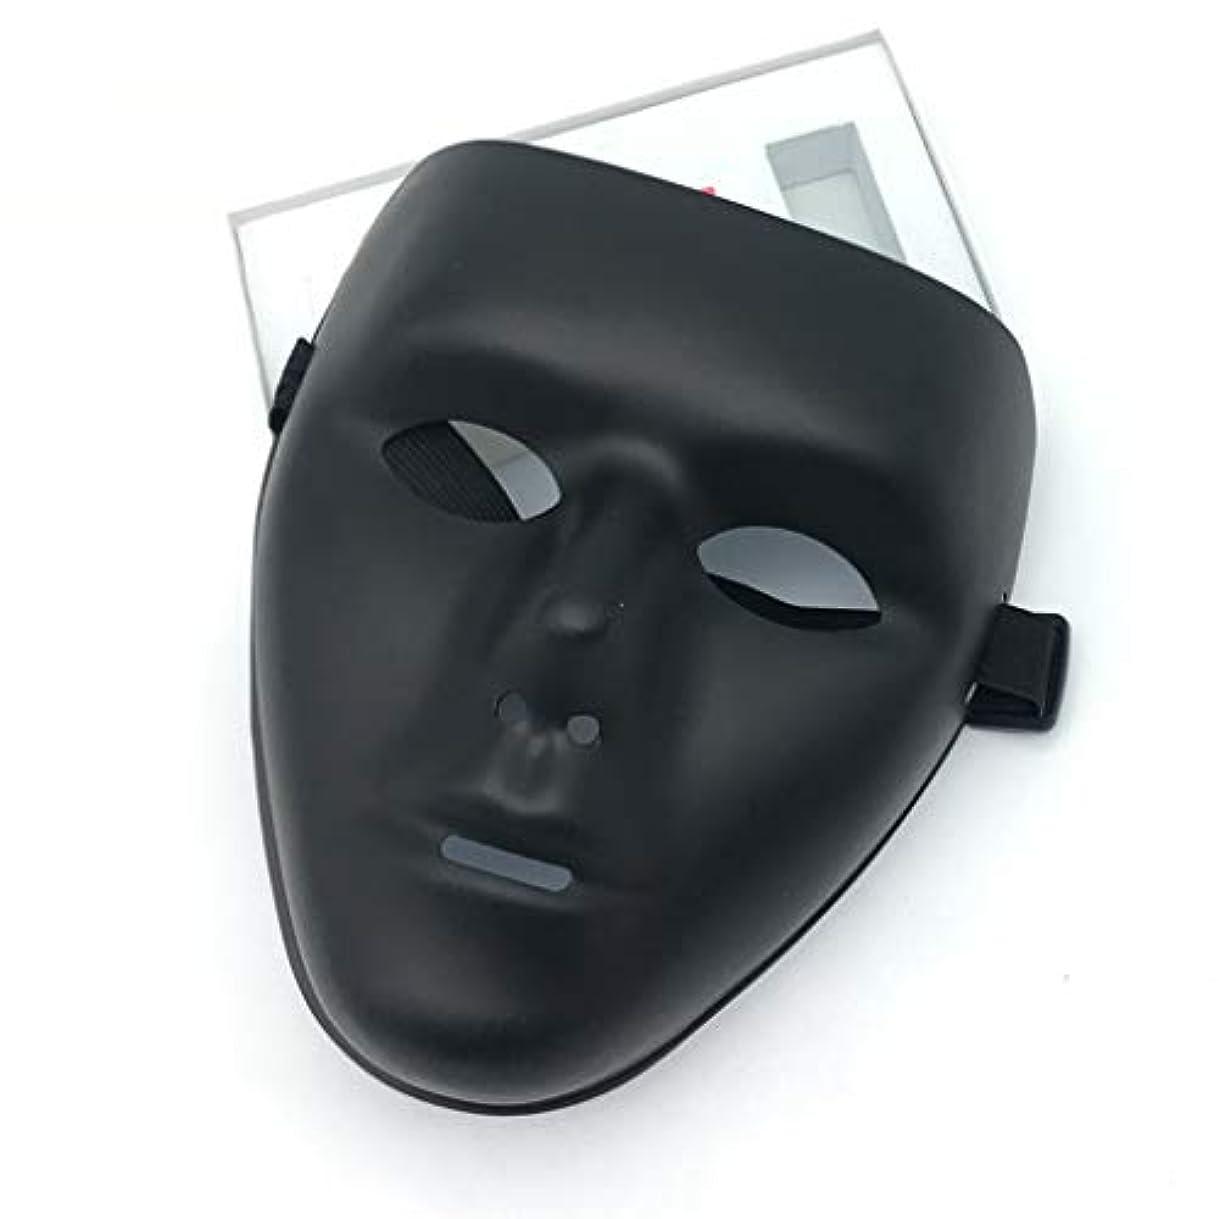 誘惑するちっちゃいそのようなハロウィンマスクフルフェイスストリートダンス振動マスク仮装変なマスクダンスマスク